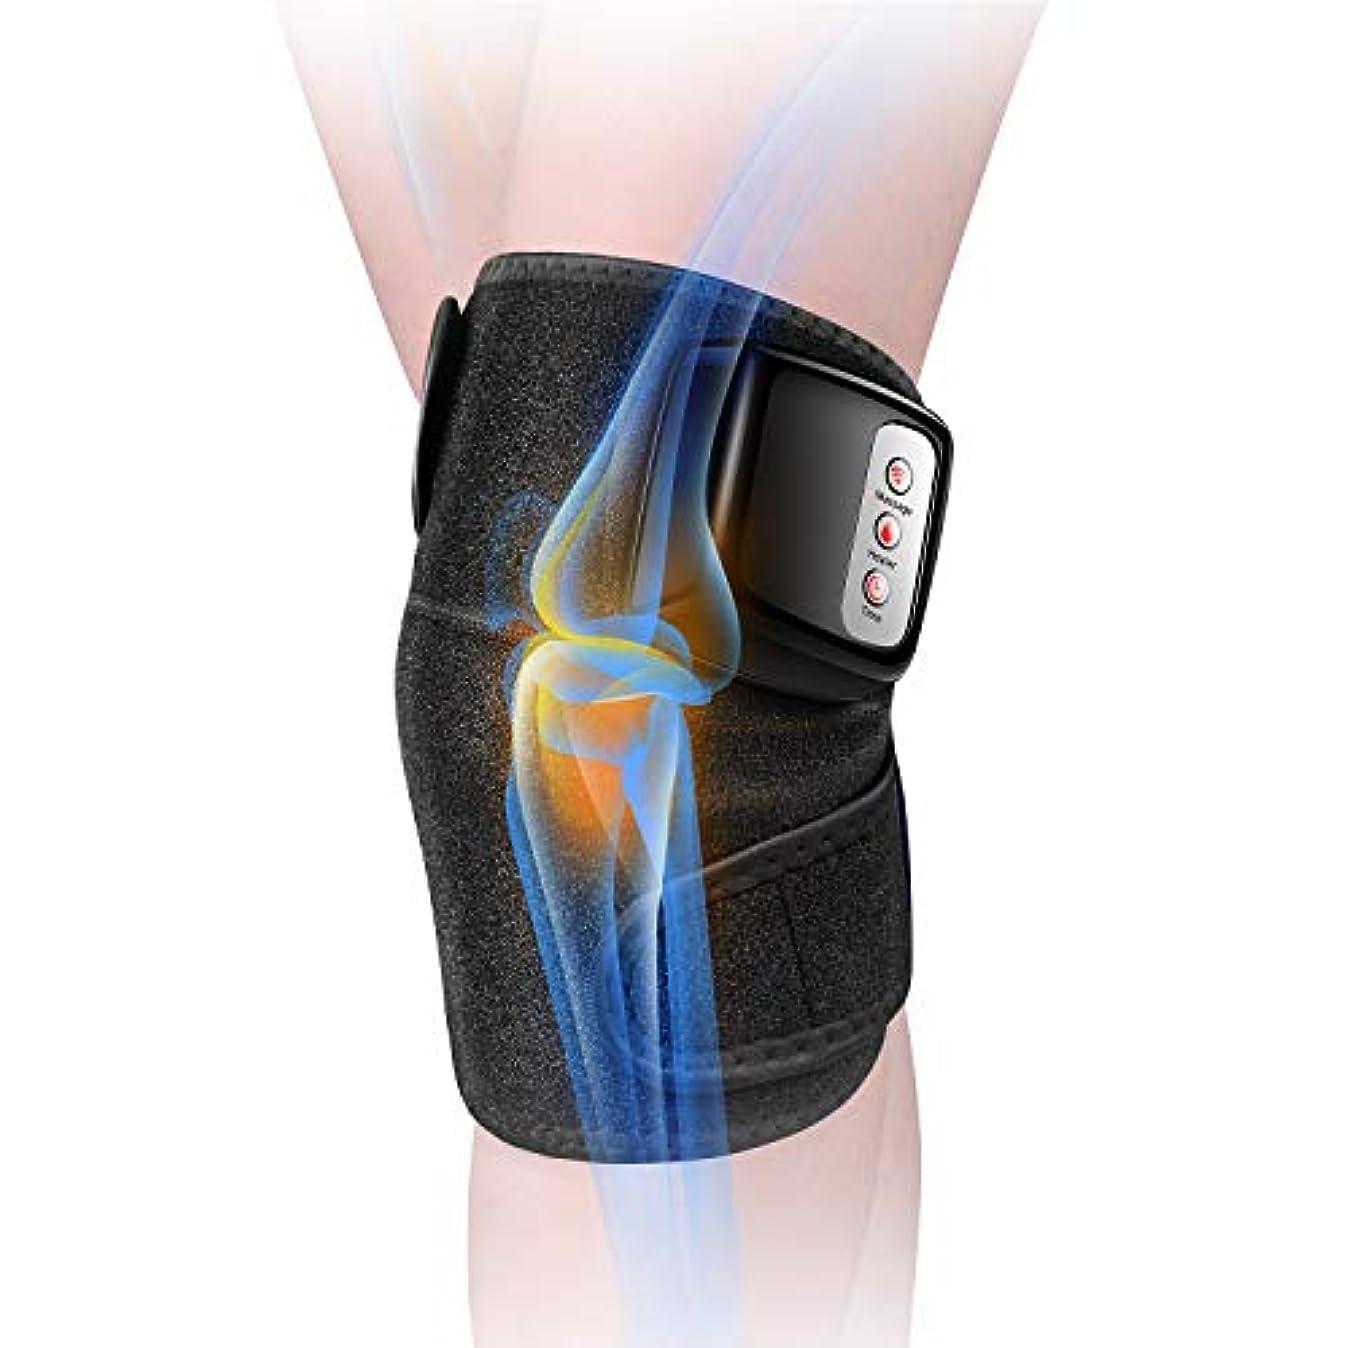 哀普通のリファイン膝マッサージャー 関節マッサージャー マッサージ器 フットマッサージャー 振動 赤外線療法 温熱療法 膝サポーター ストレス解消 肩 太もも/腕対応